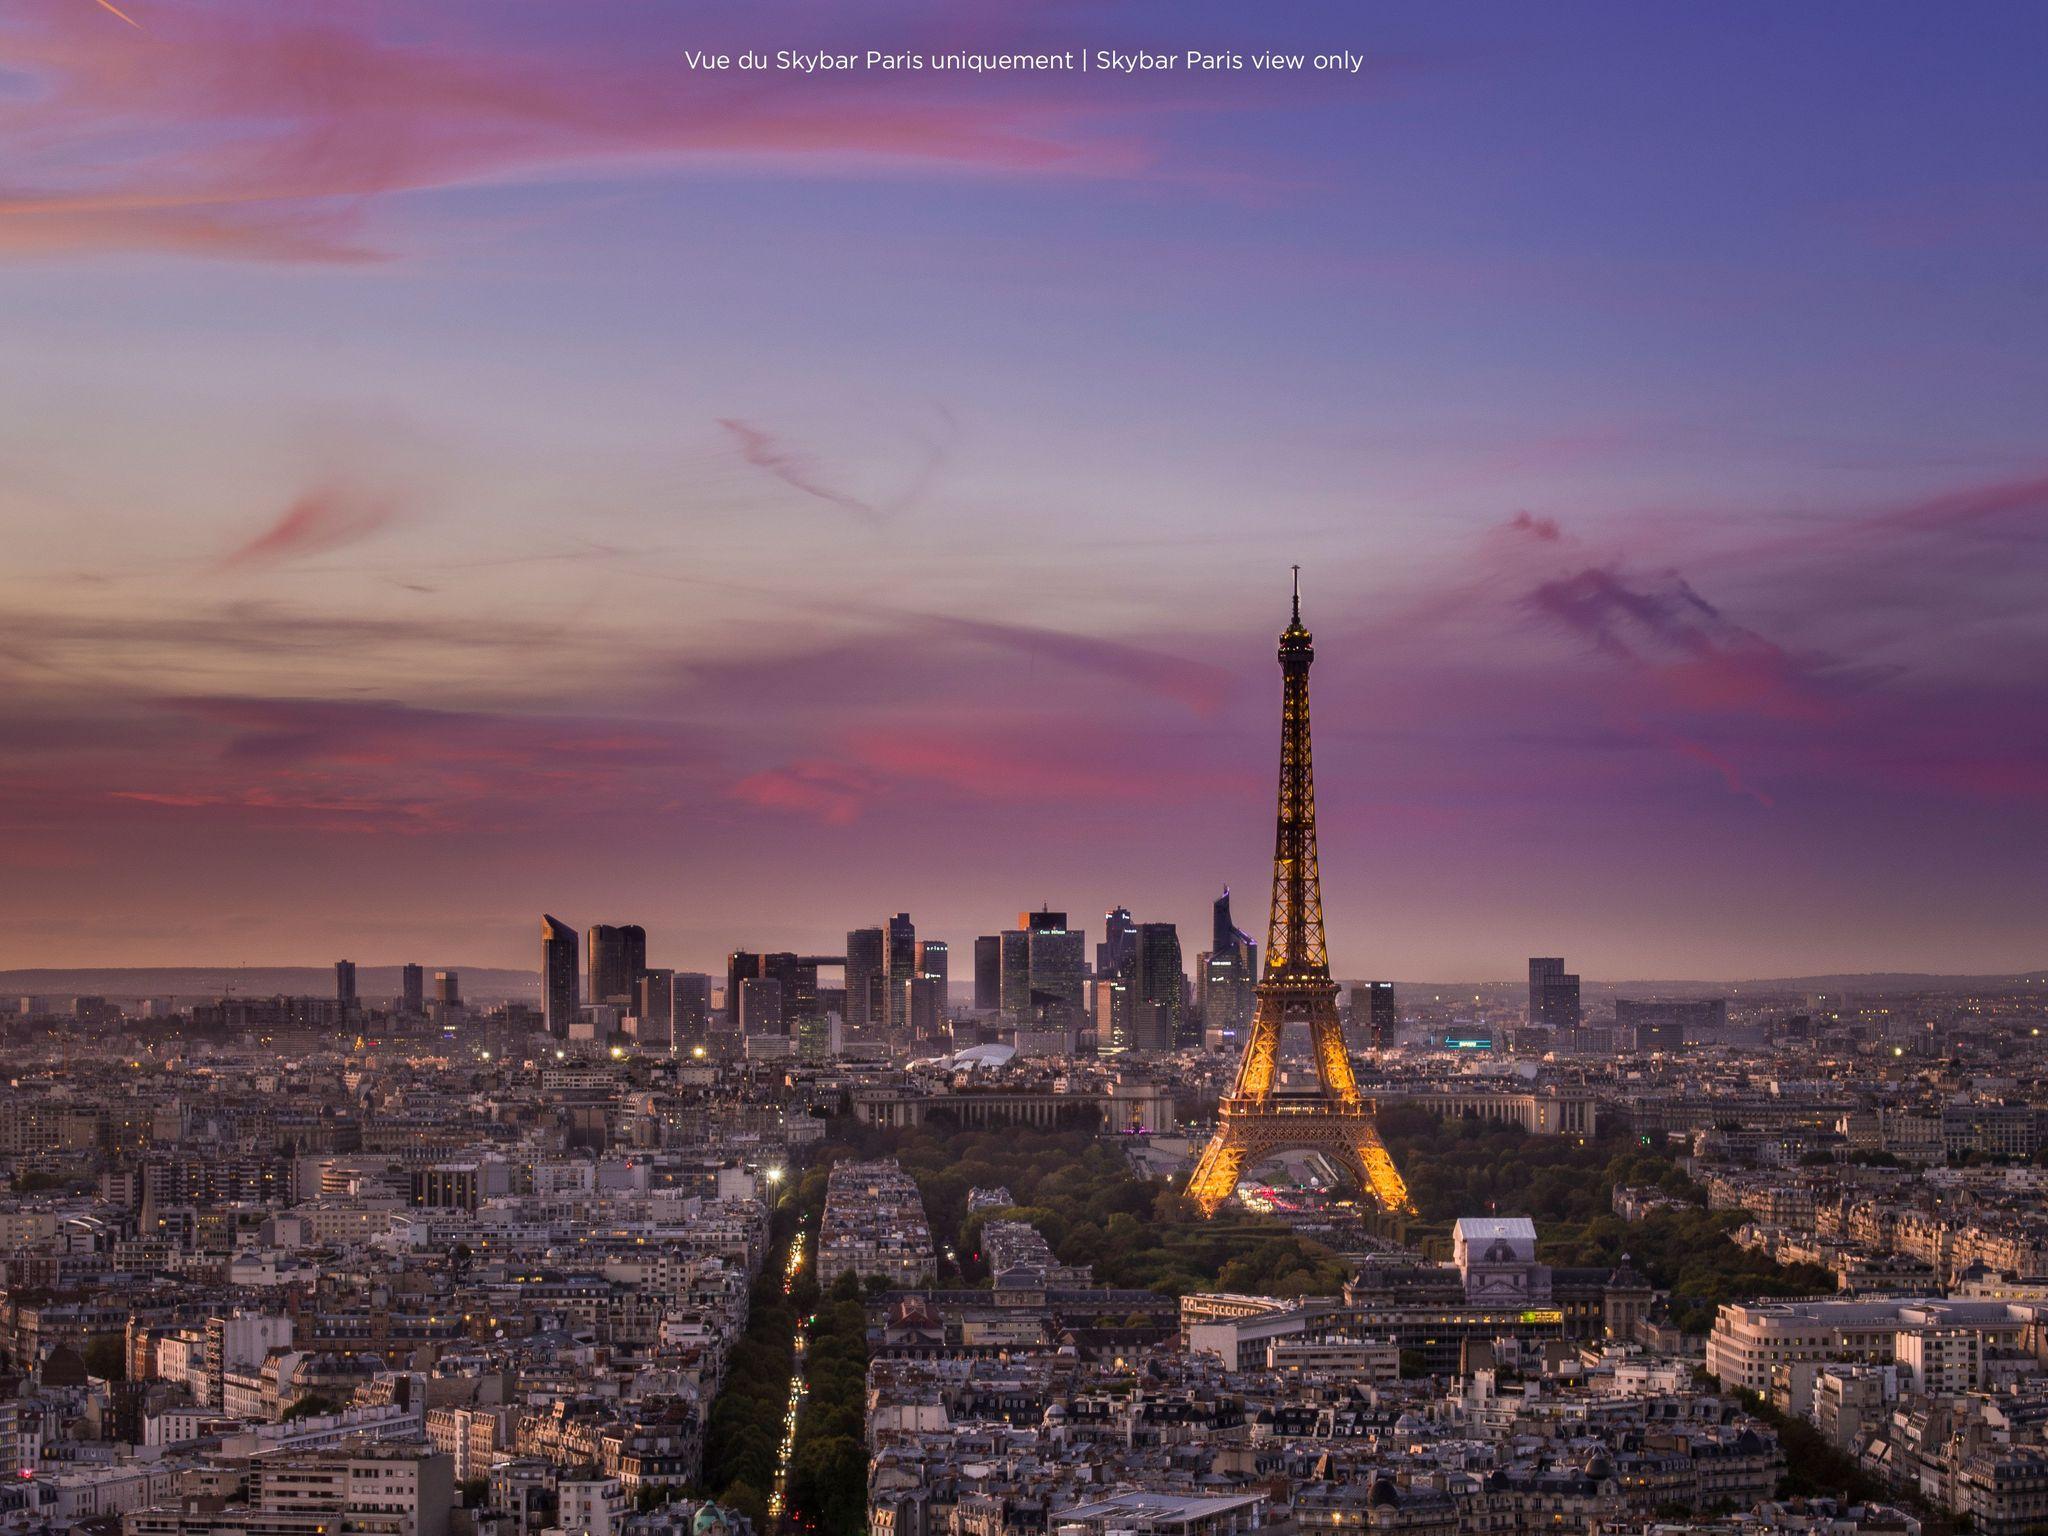 Hotell – Pullman Paris Montparnasse - stängt till slutet av augusti 2019